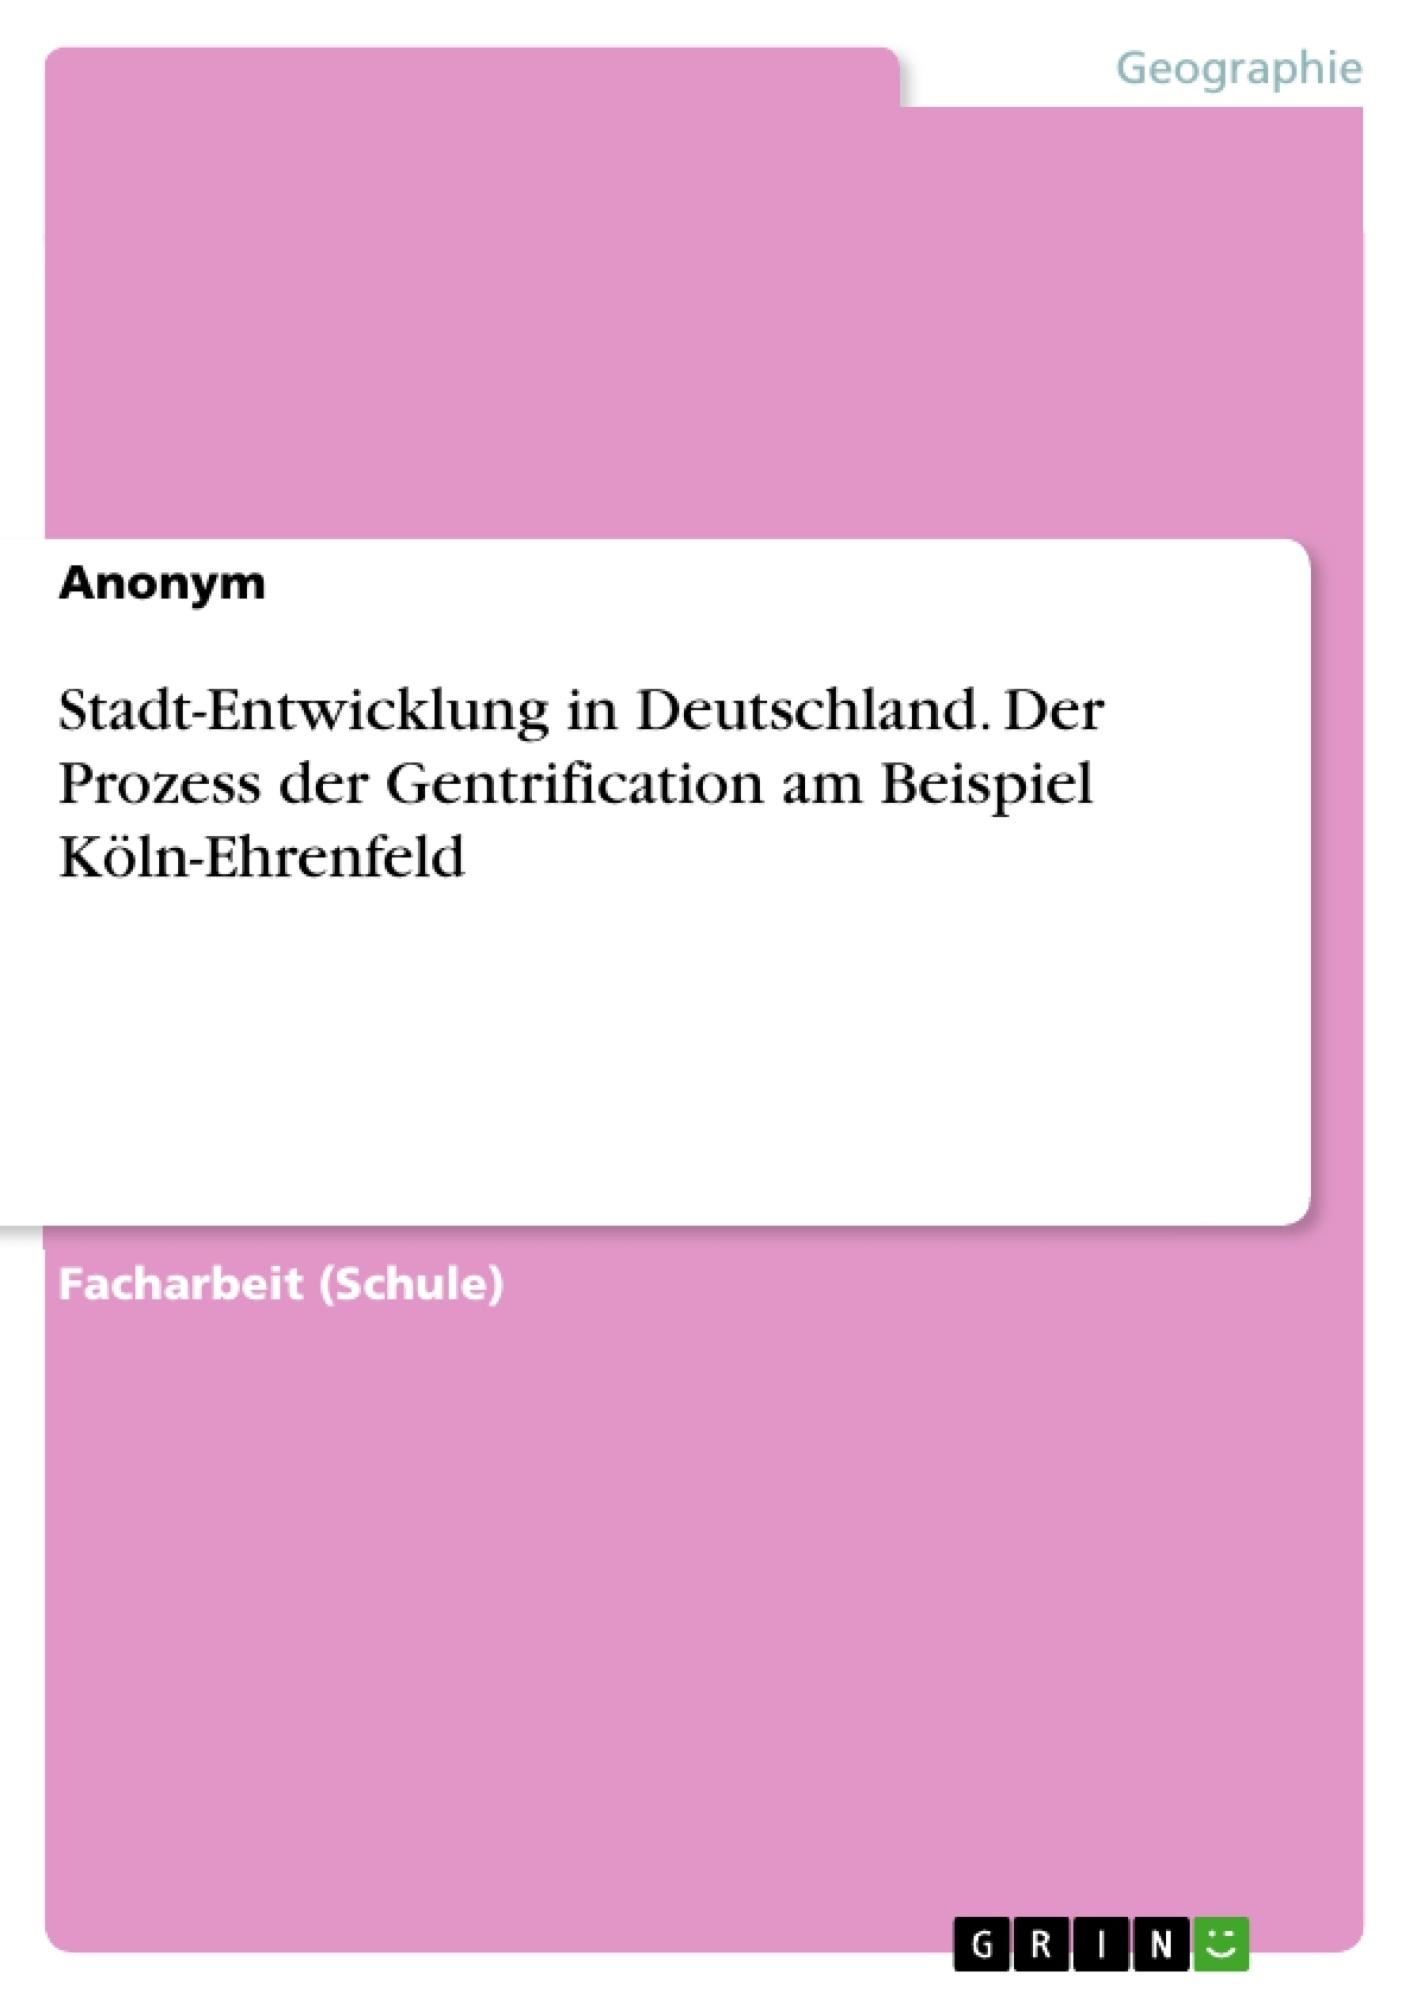 Titel: Stadt-Entwicklung in Deutschland. Der Prozess der Gentrification am Beispiel Köln-Ehrenfeld